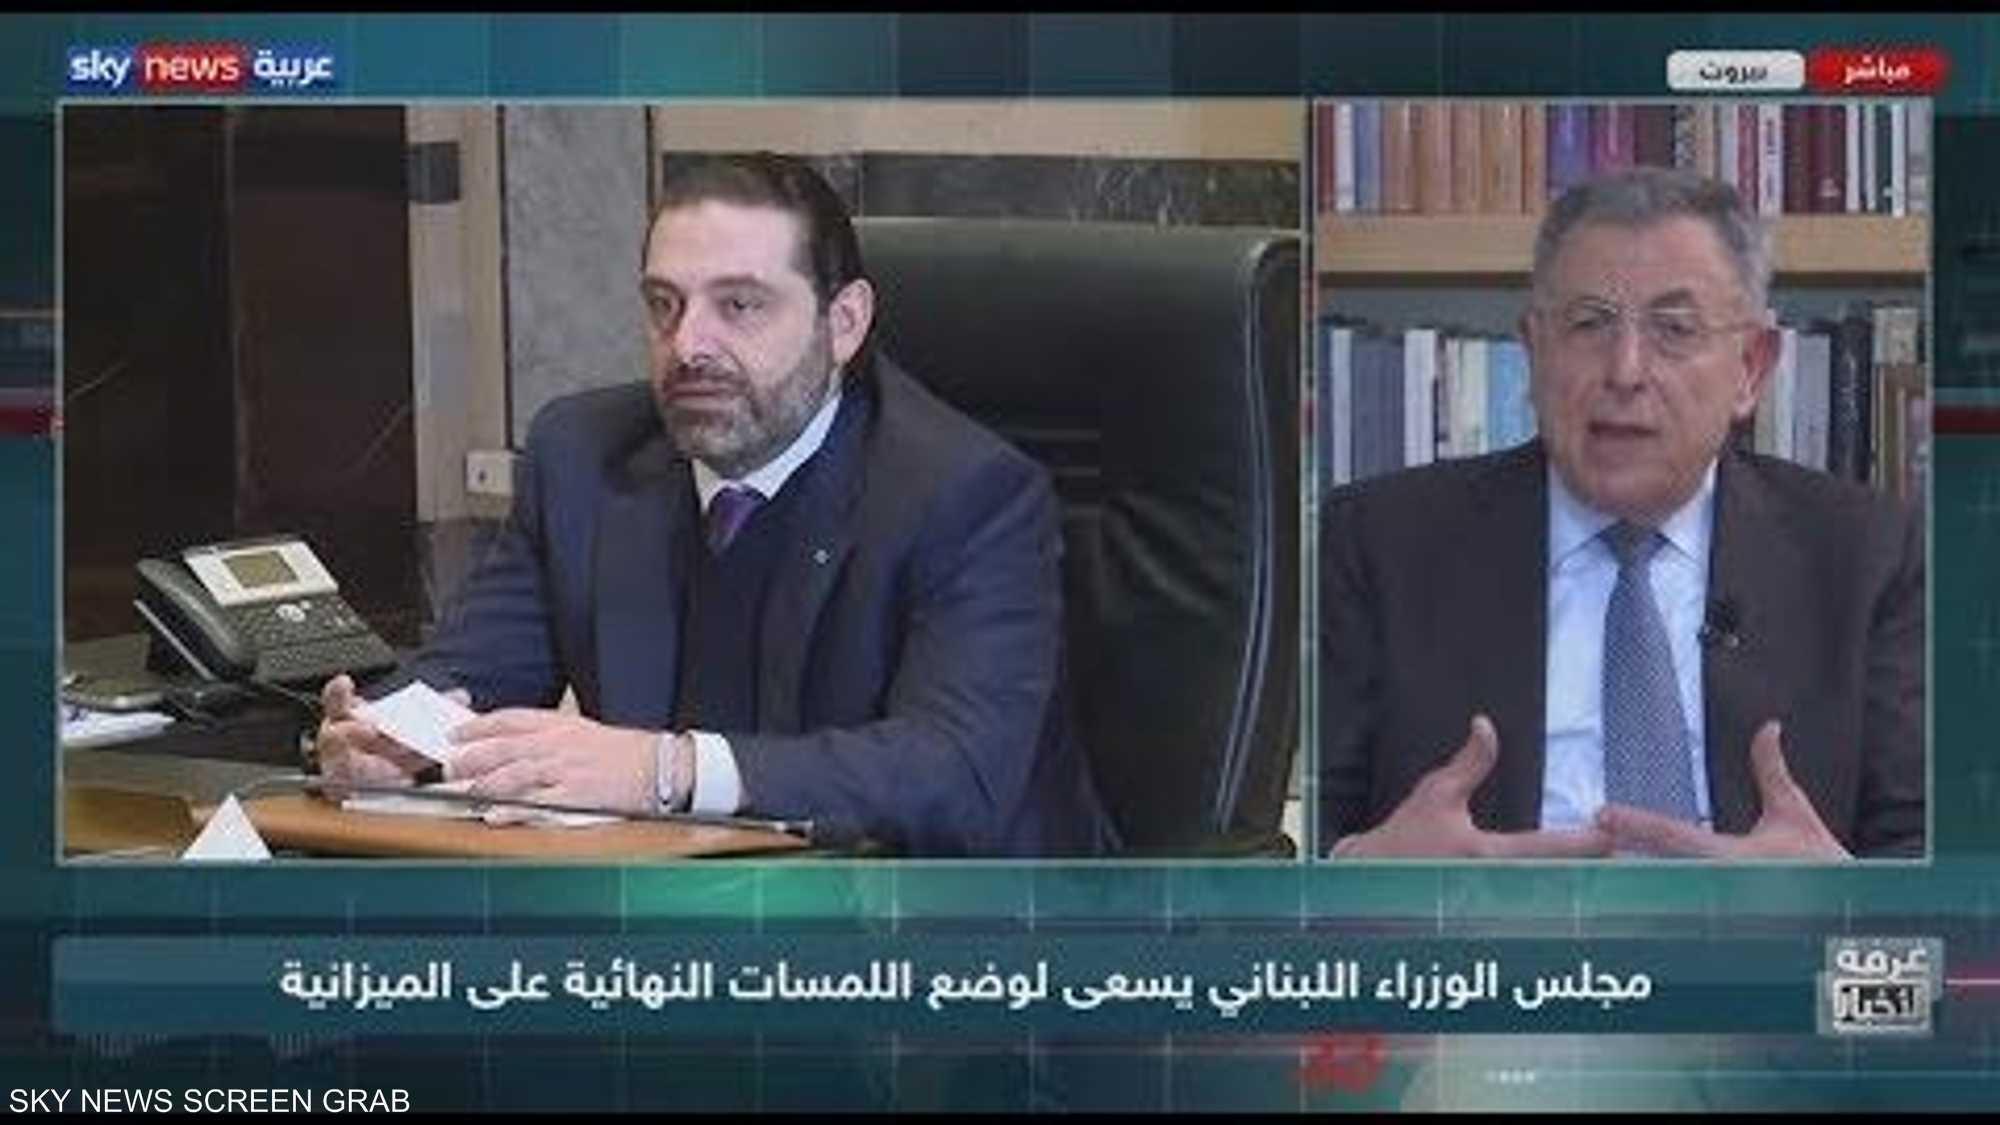 الحكومة اللبنانية تسعى لوضع اللمسات النهائية على الميزانية